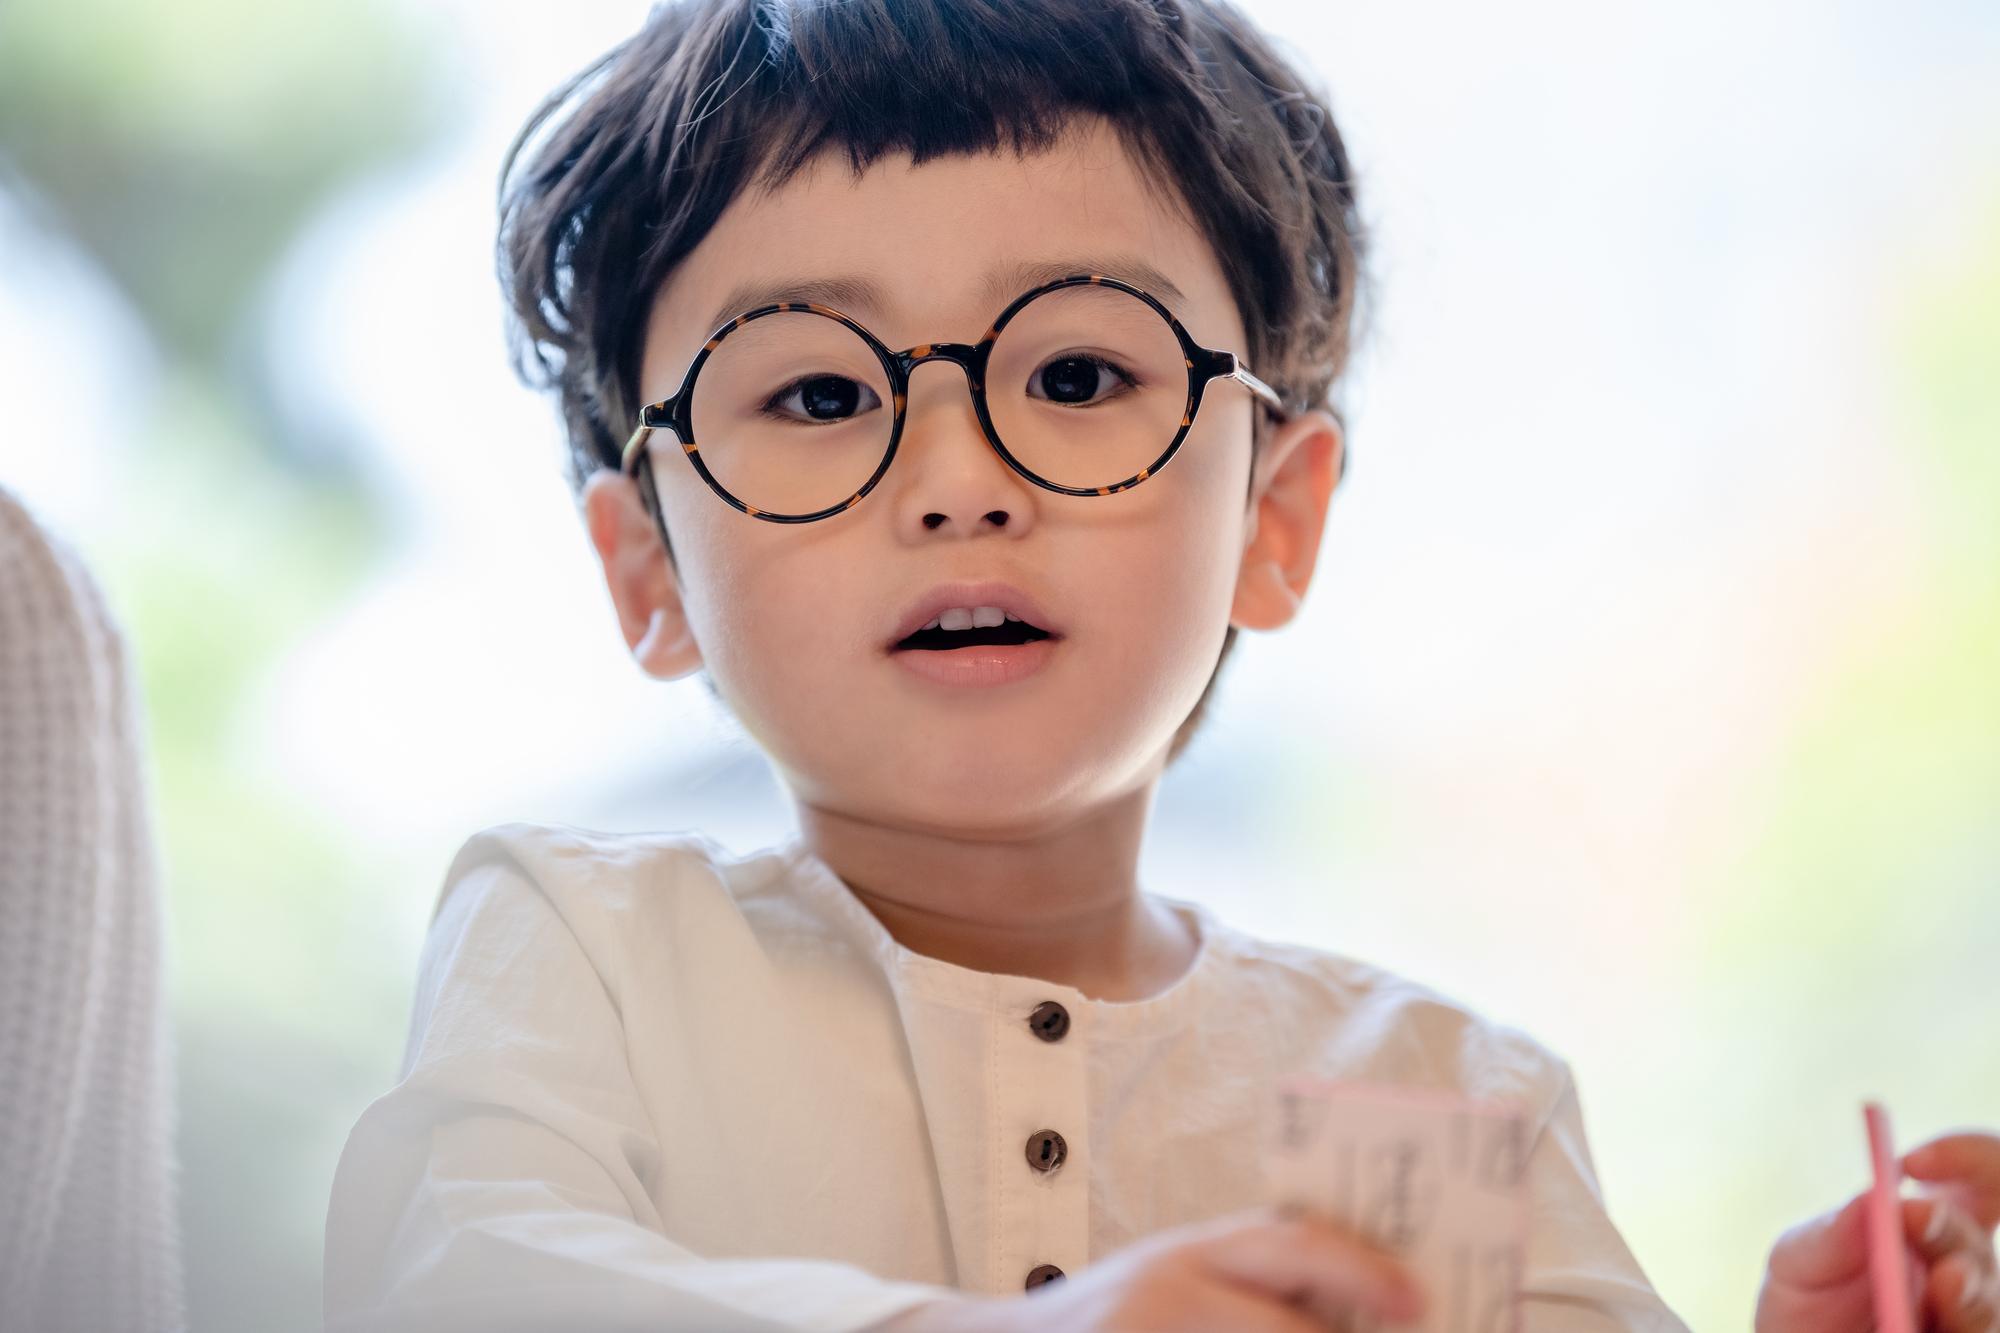 札幌でおすすめの子供用メガネ!視力を守るメガネを紹介